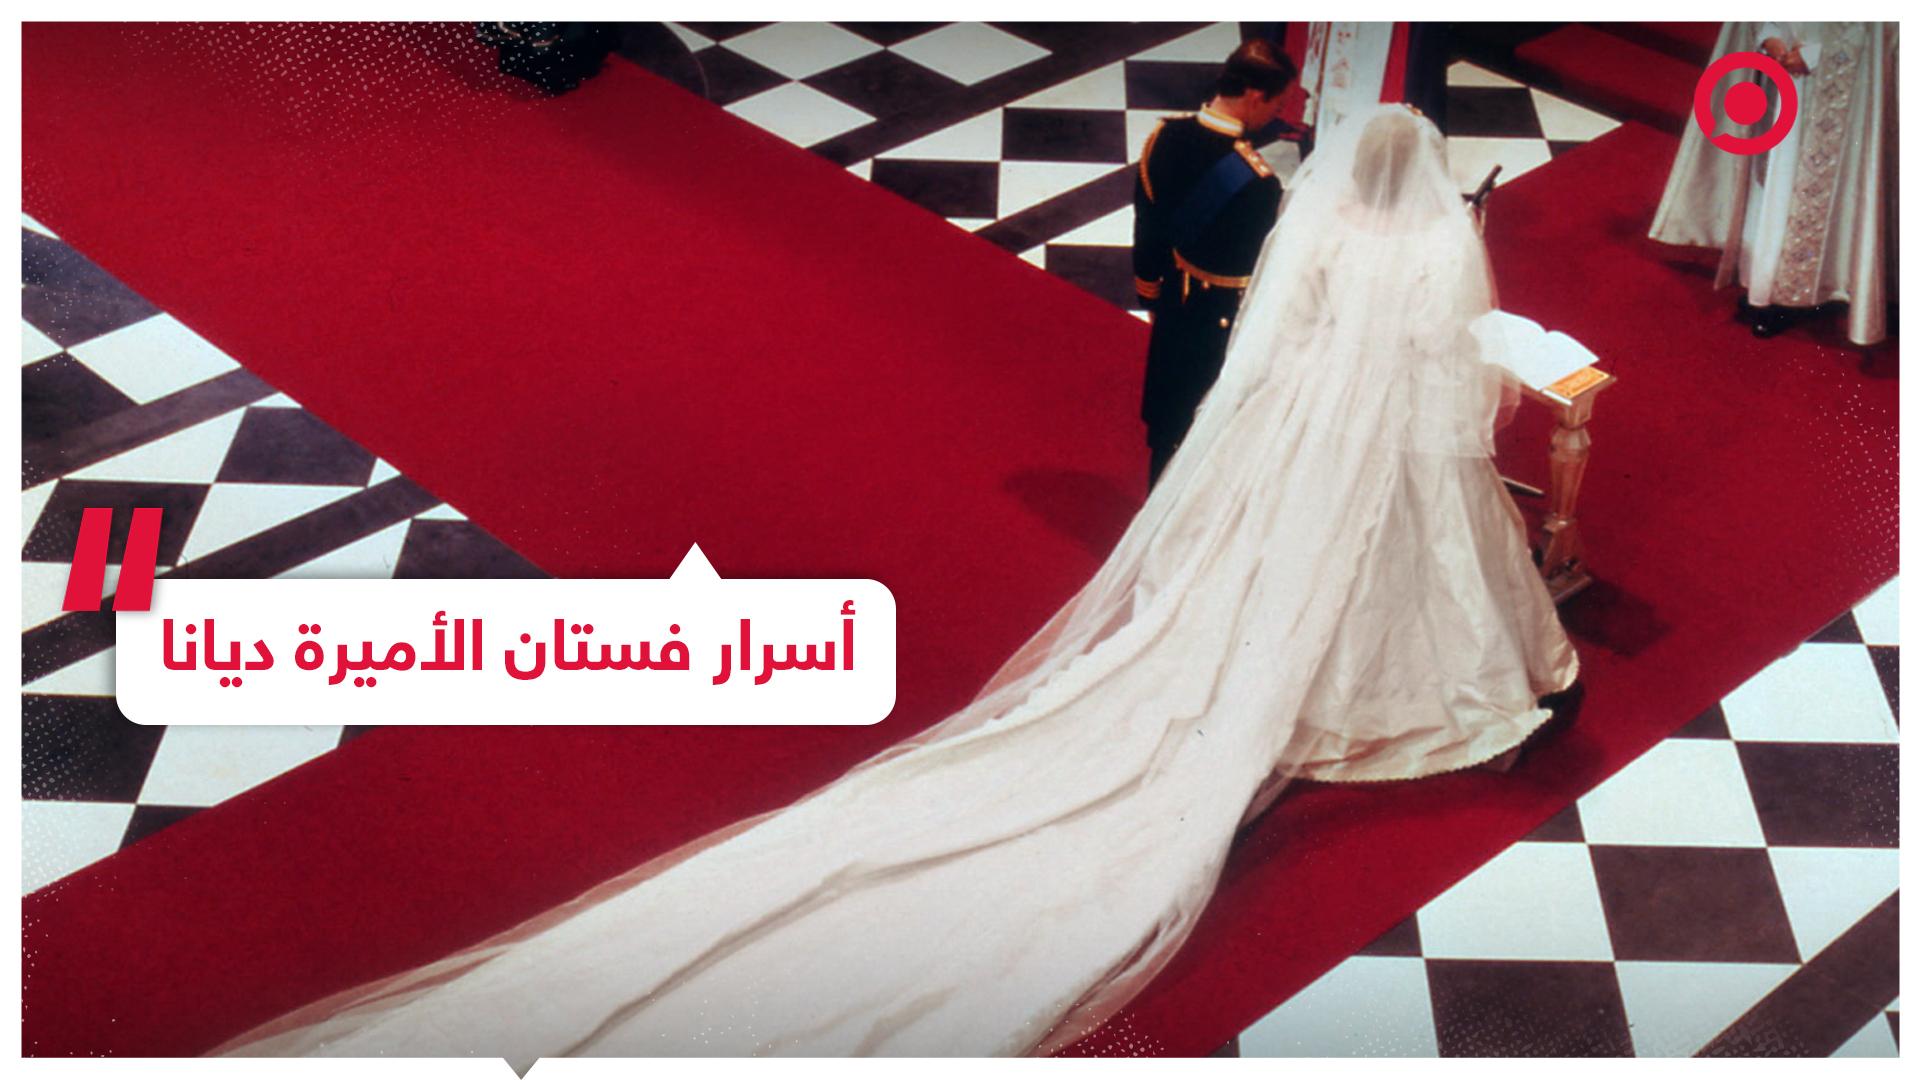 #الأميرة_ديانا #فستان_زفاف